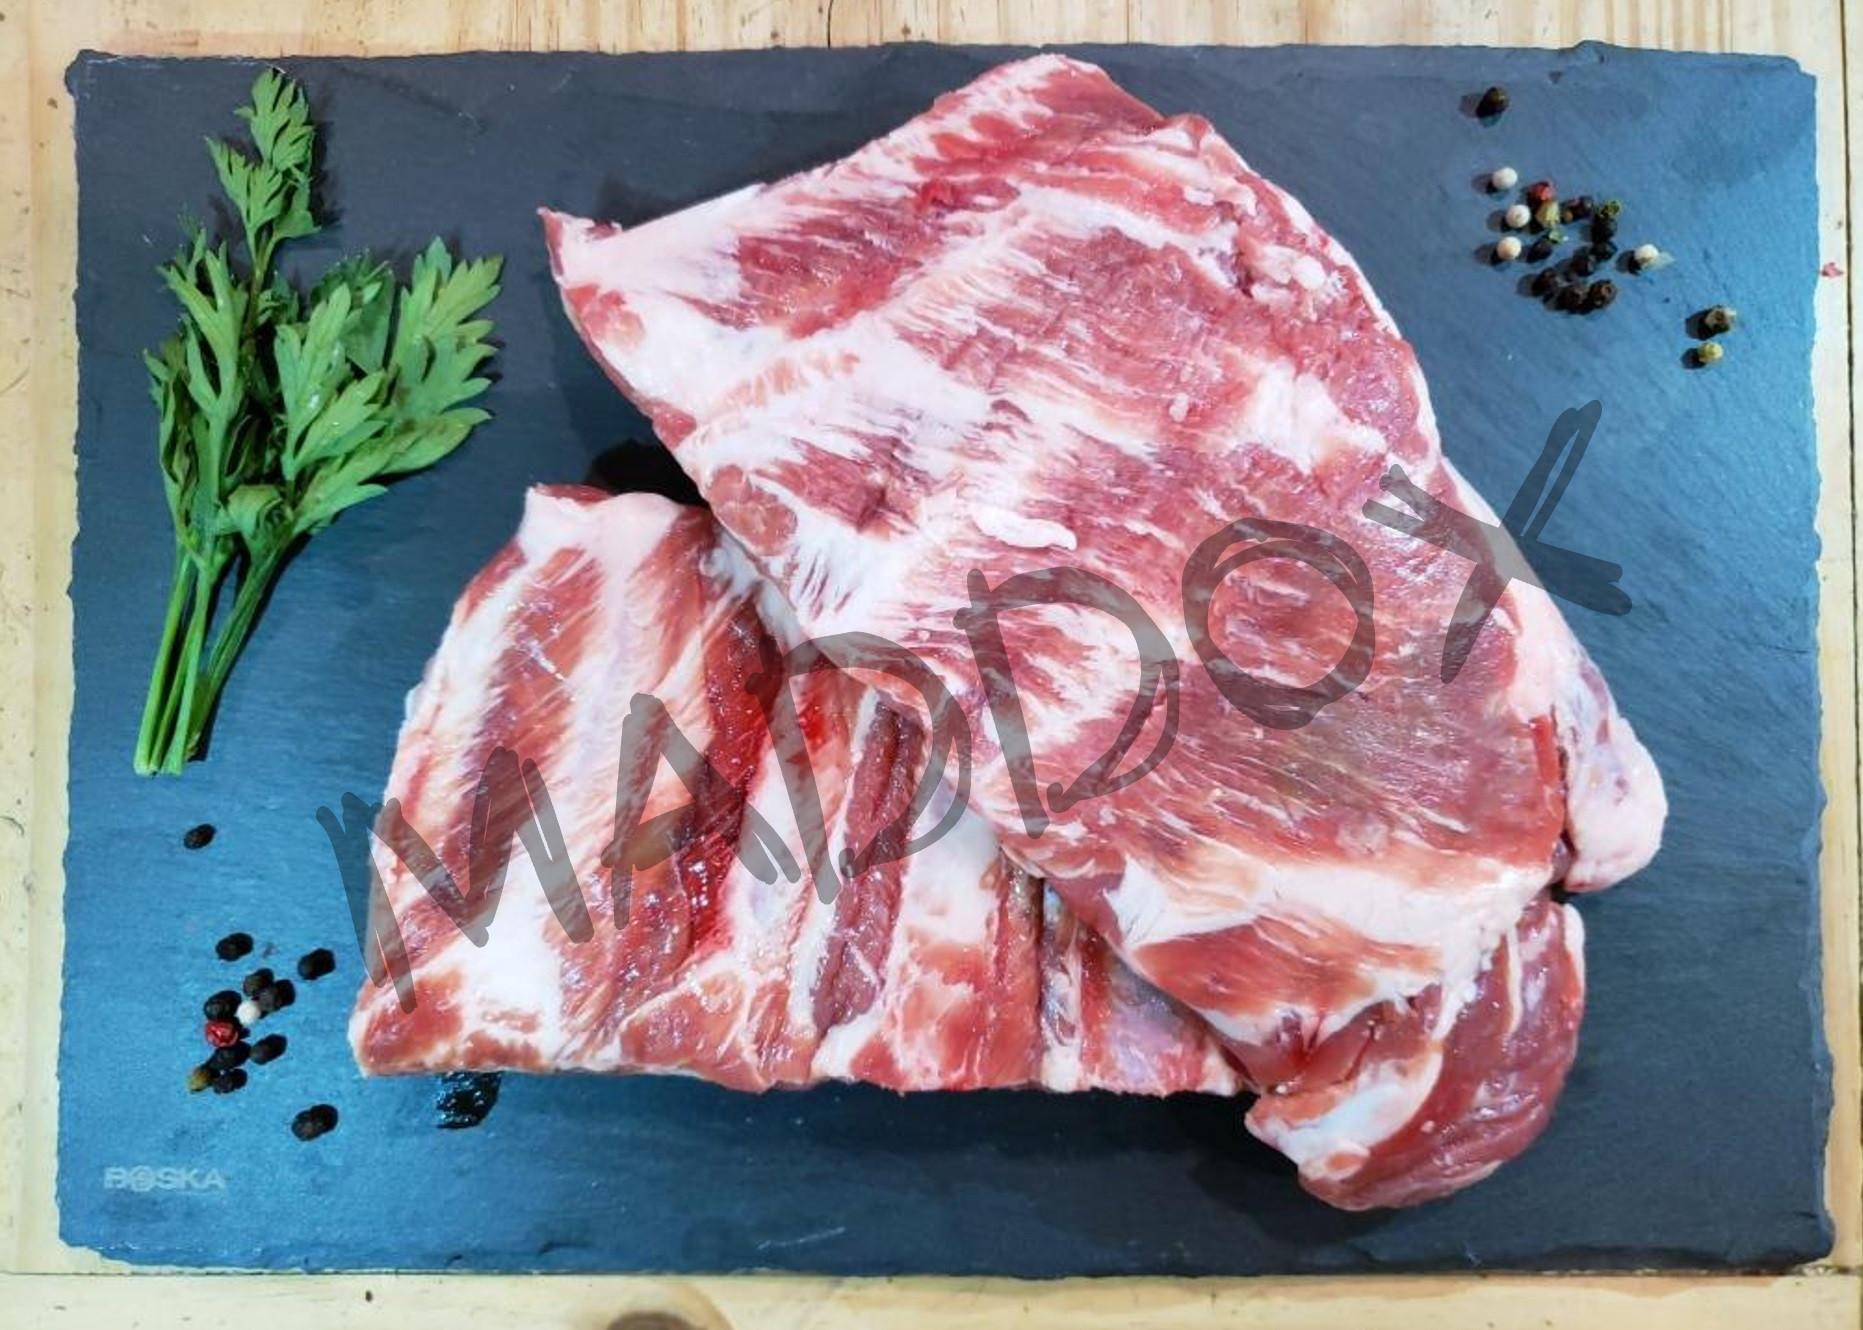 Pork - Spare Ribs